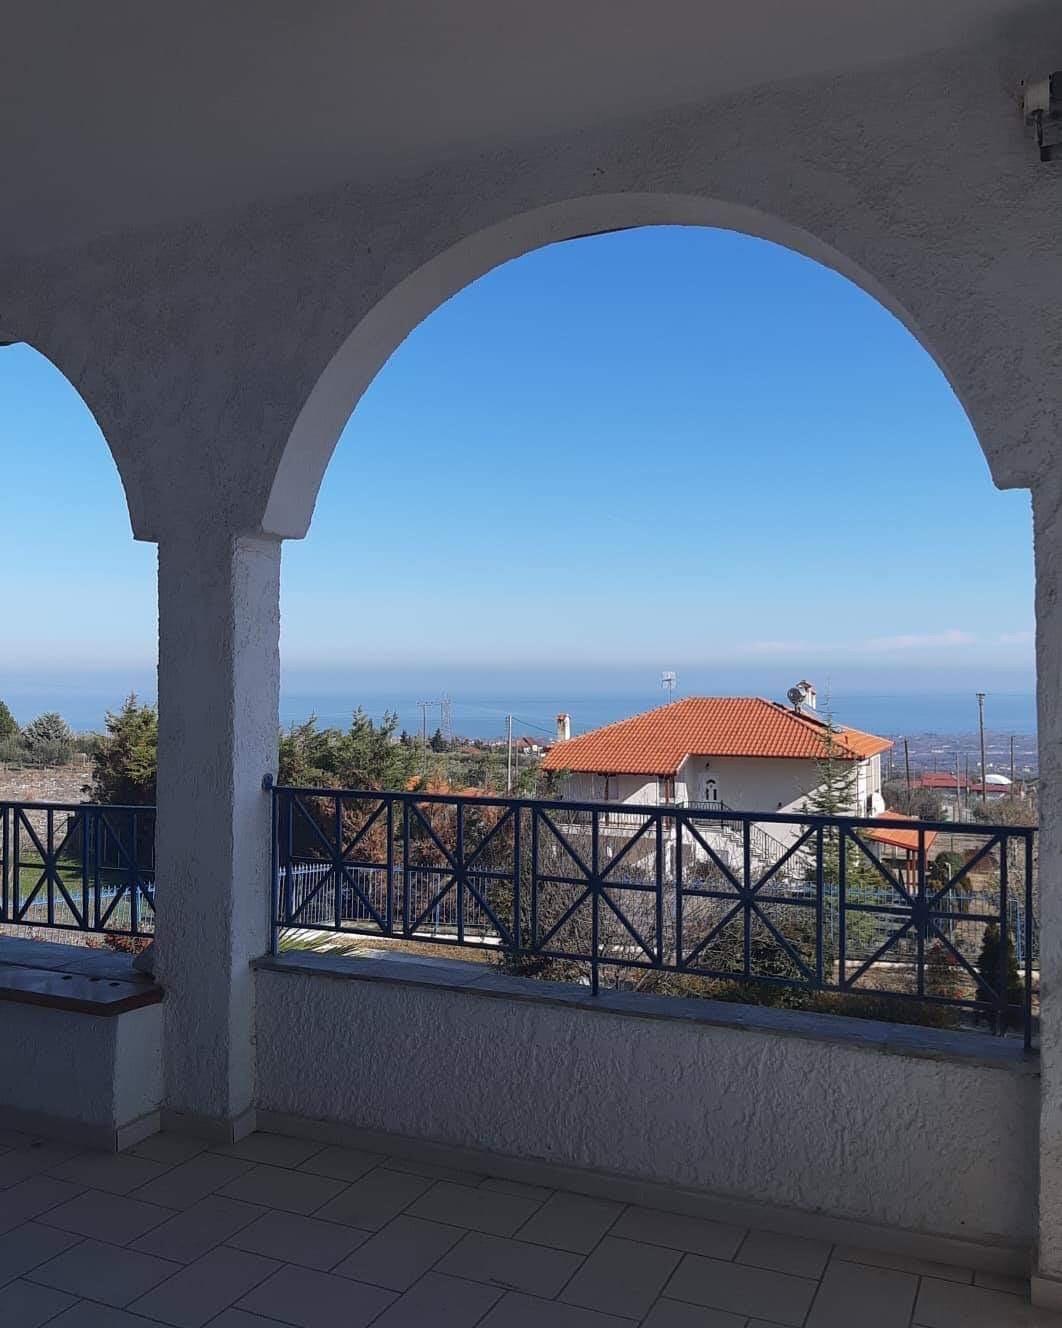 Πωλείται: Μεζονέτα με φόντο τον Όλυμπο και θέα τον Θερμαϊκό Κόλπο